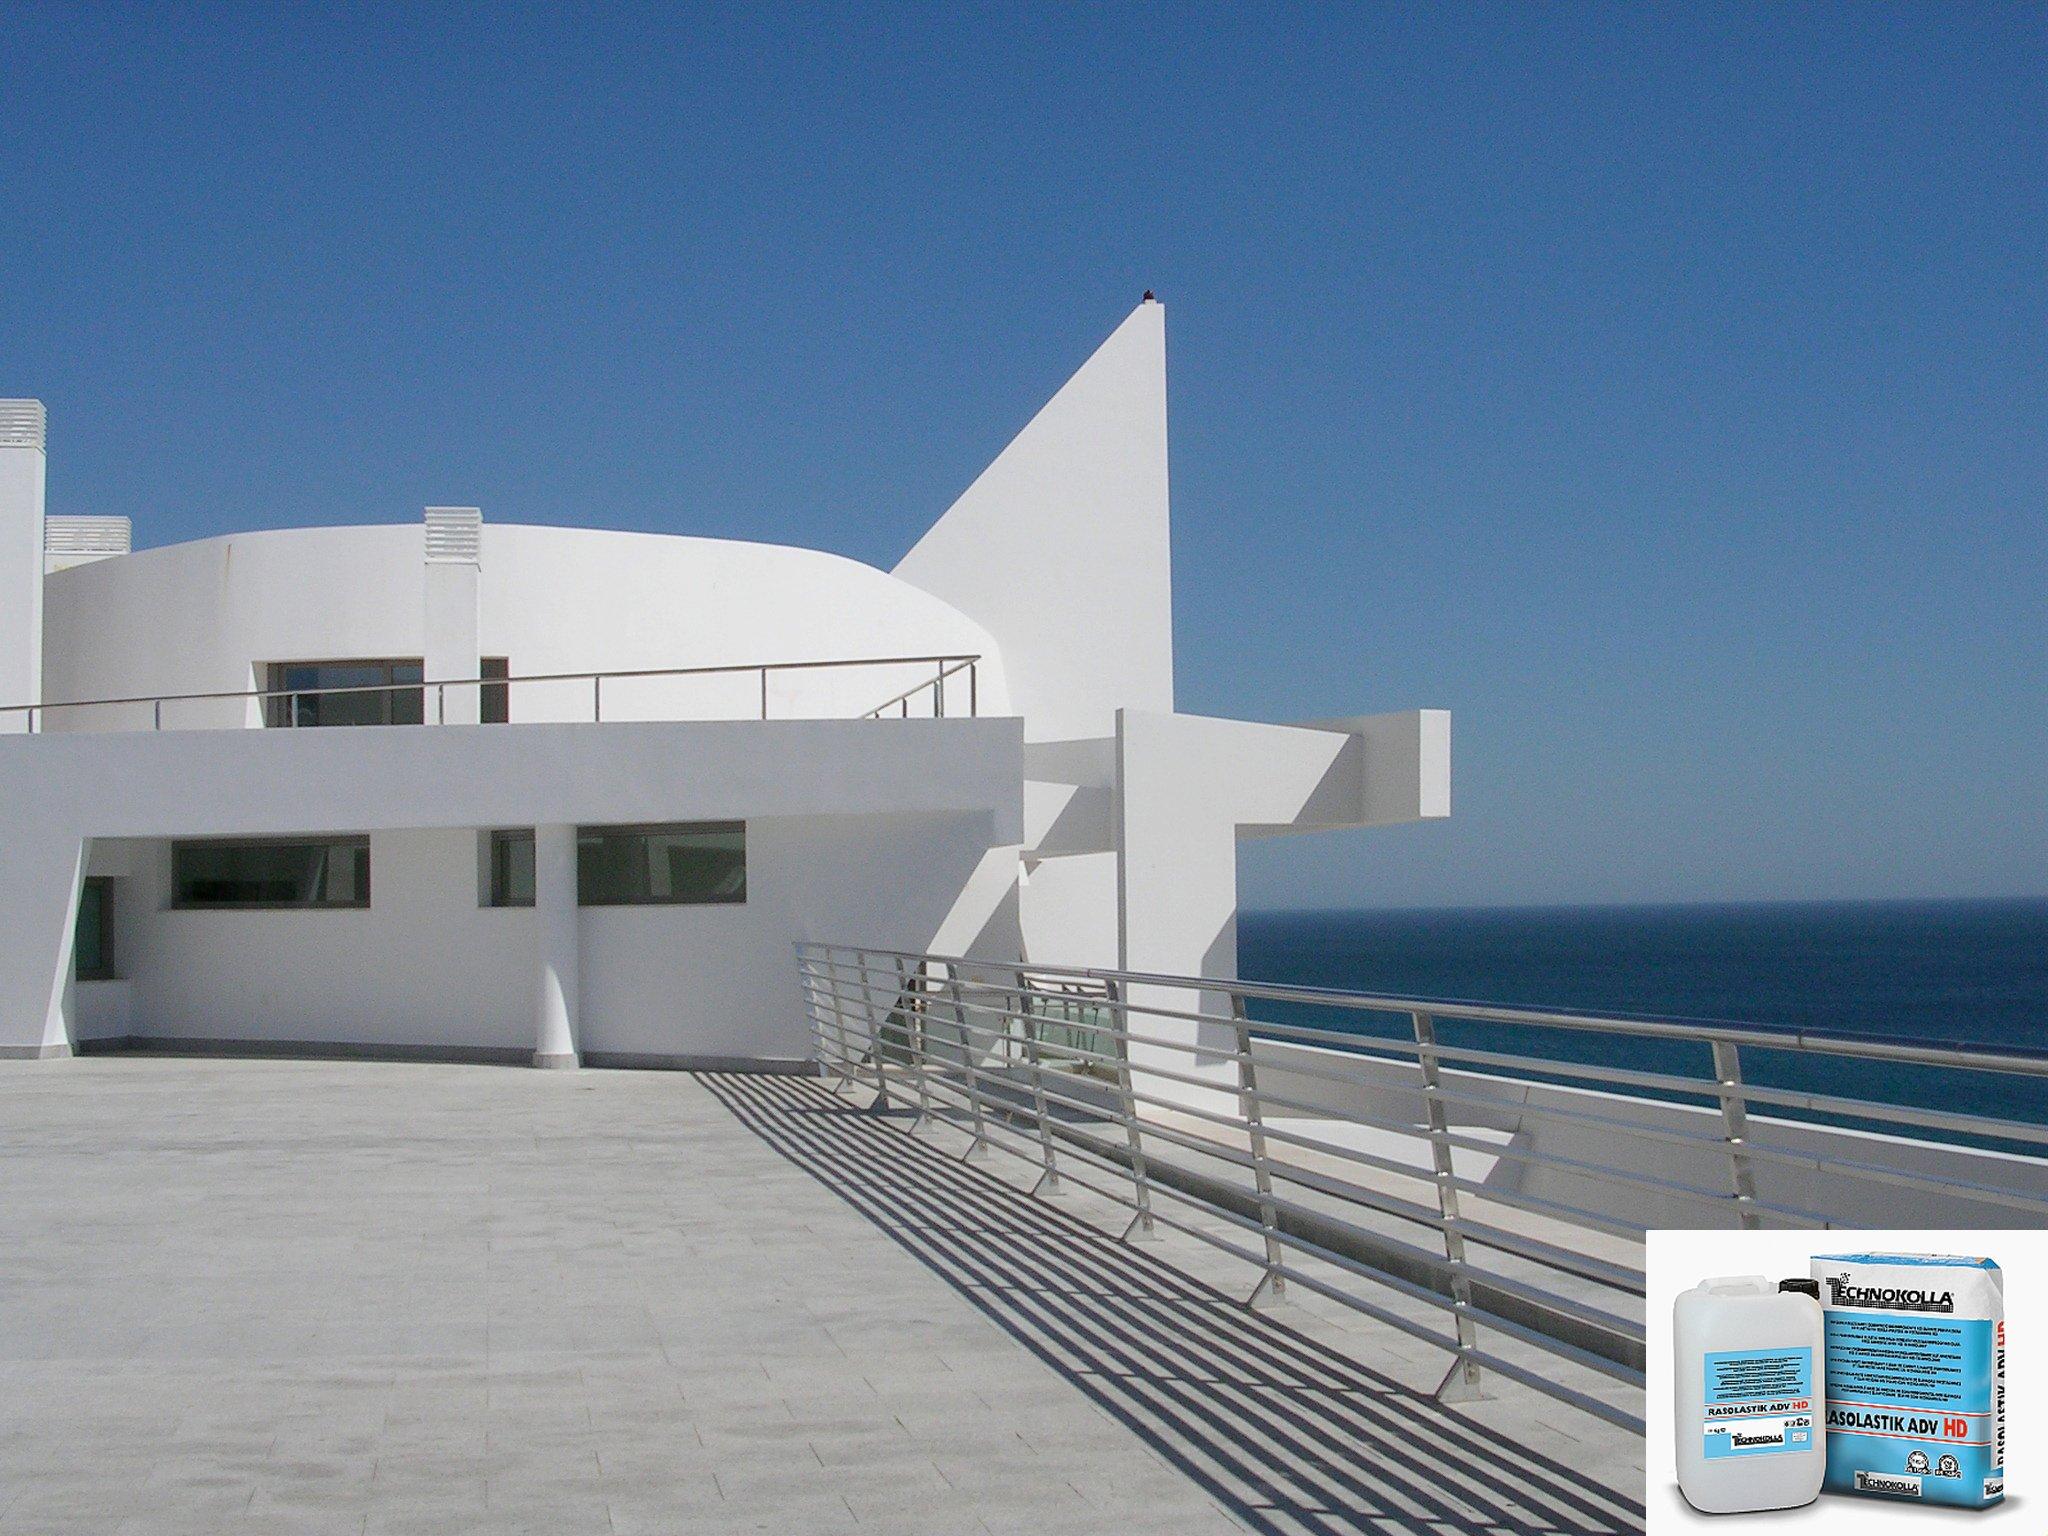 Impermeabilizzare terrazzi e balconi cose di casa - Impermeabilizzazione terrazze pavimentate ...